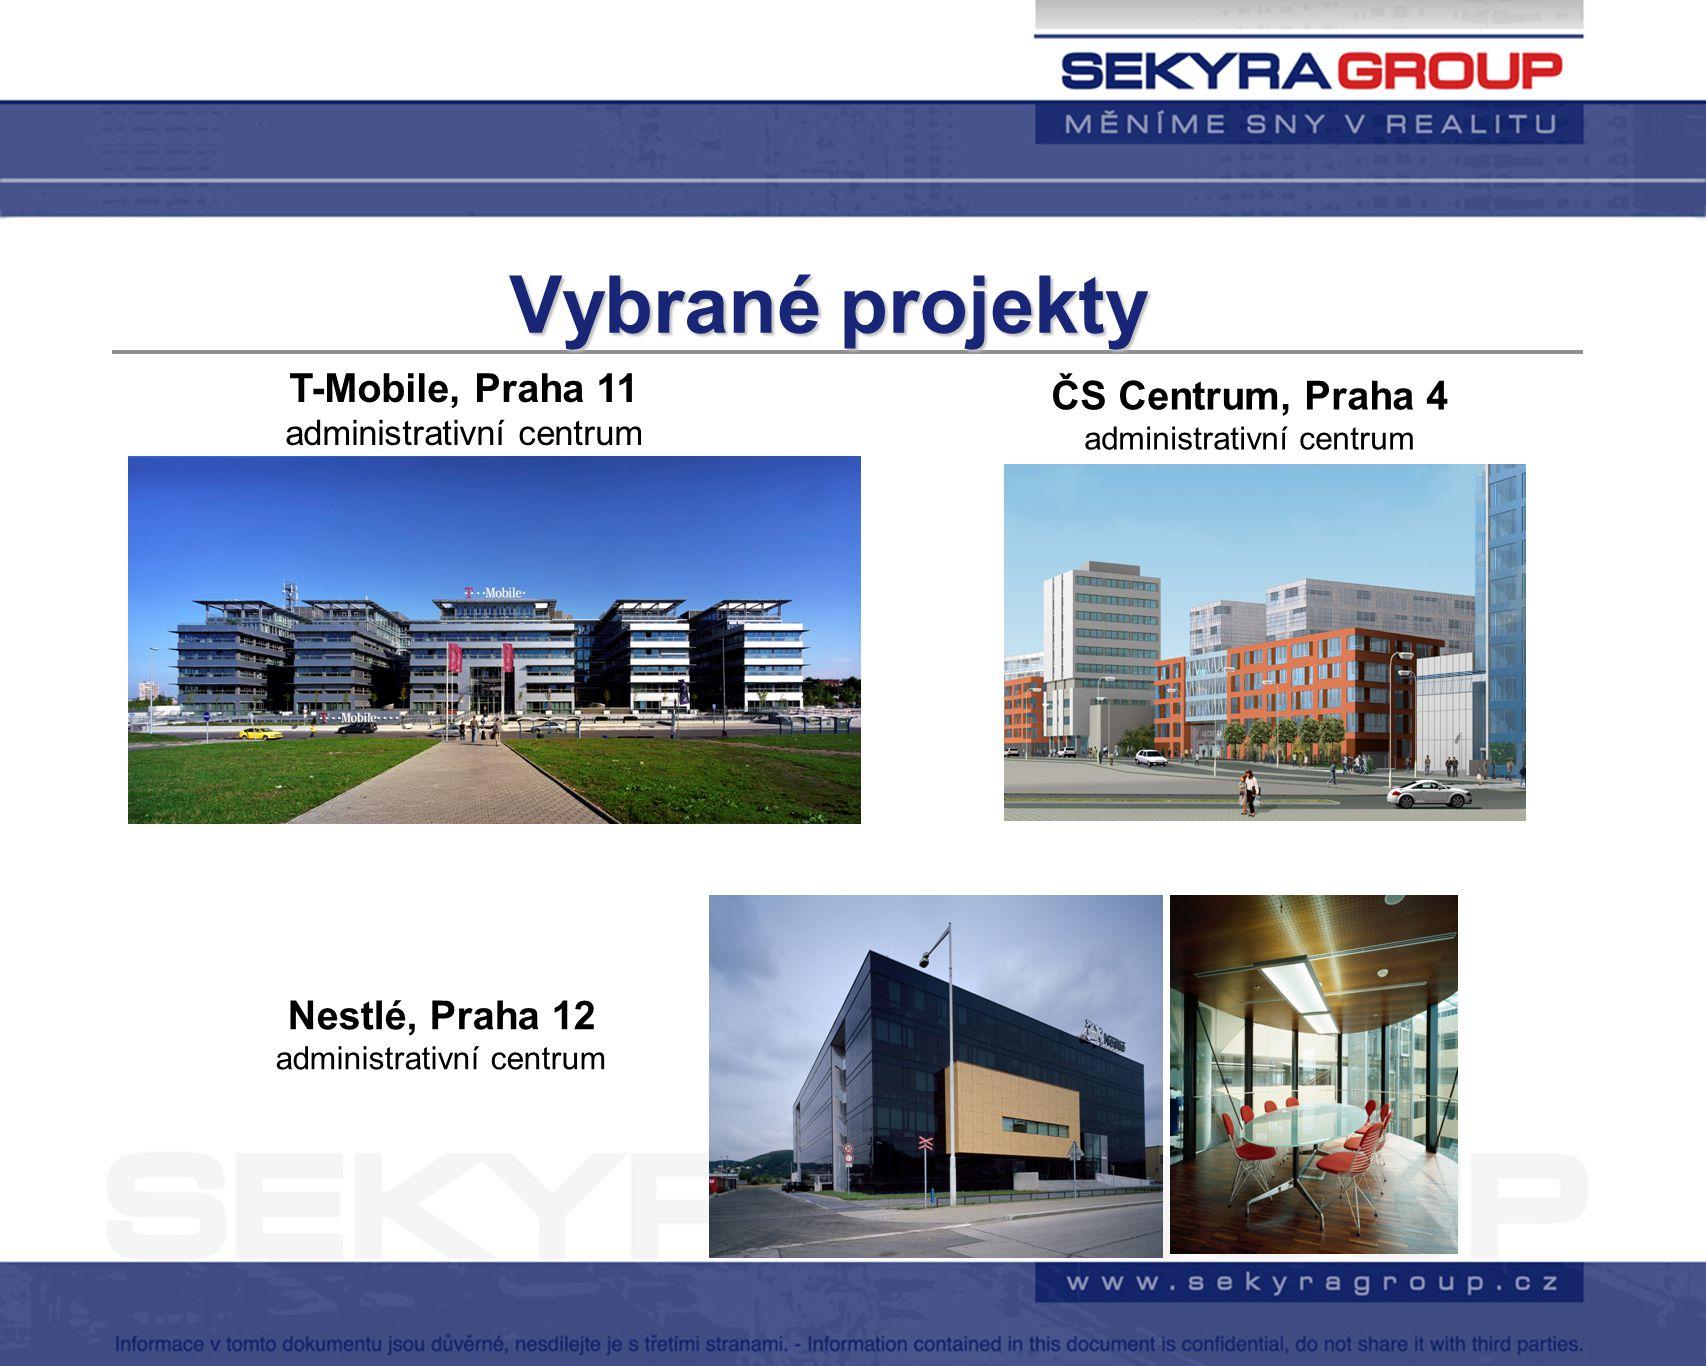 Vybranéprojekty Vybrané projekty T-Mobile, Praha 11 administrativní centrum Nestlé, Praha 12 administrativní centrum ČS Centrum, Praha 4 administrativ